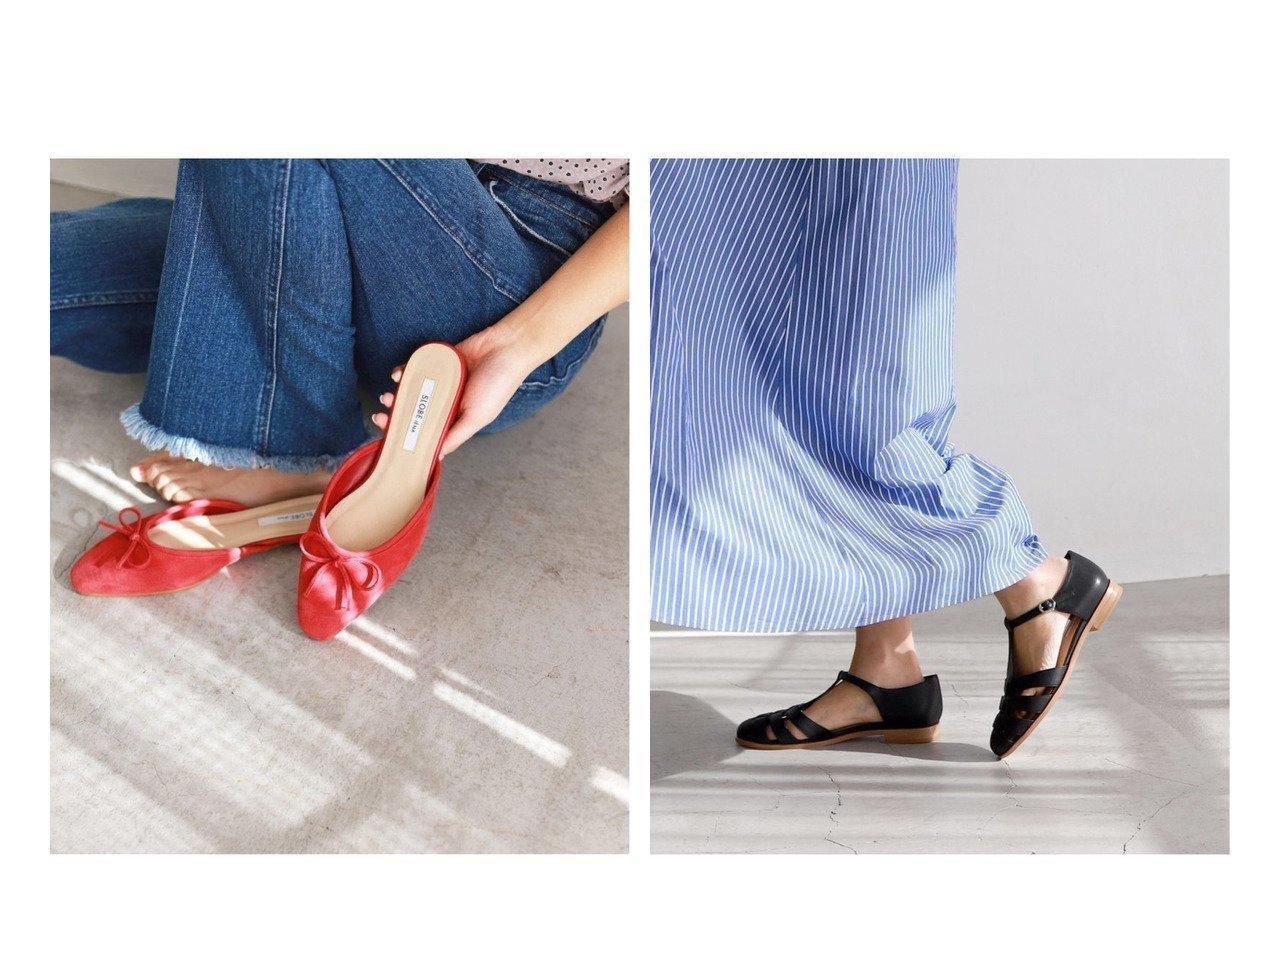 【SLOBE IENA/スローブ イエナ】のSLOBE IENA グルカサンダル&SLOBE IENA スリッパバレエシューズ シューズ・靴のおすすめ!人気、トレンド・レディースファッションの通販 おすすめで人気の流行・トレンド、ファッションの通販商品 メンズファッション・キッズファッション・インテリア・家具・レディースファッション・服の通販 founy(ファニー) https://founy.com/ ファッション Fashion レディースファッション WOMEN NEW・新作・新着・新入荷 New Arrivals 2021年 2021 2021 春夏 S/S SS Spring/Summer 2021 S/S 春夏 SS Spring/Summer シューズ バレエ おすすめ Recommend クッション サンダル シンプル デニム トレンド フェミニン ミュール |ID:crp329100000023909